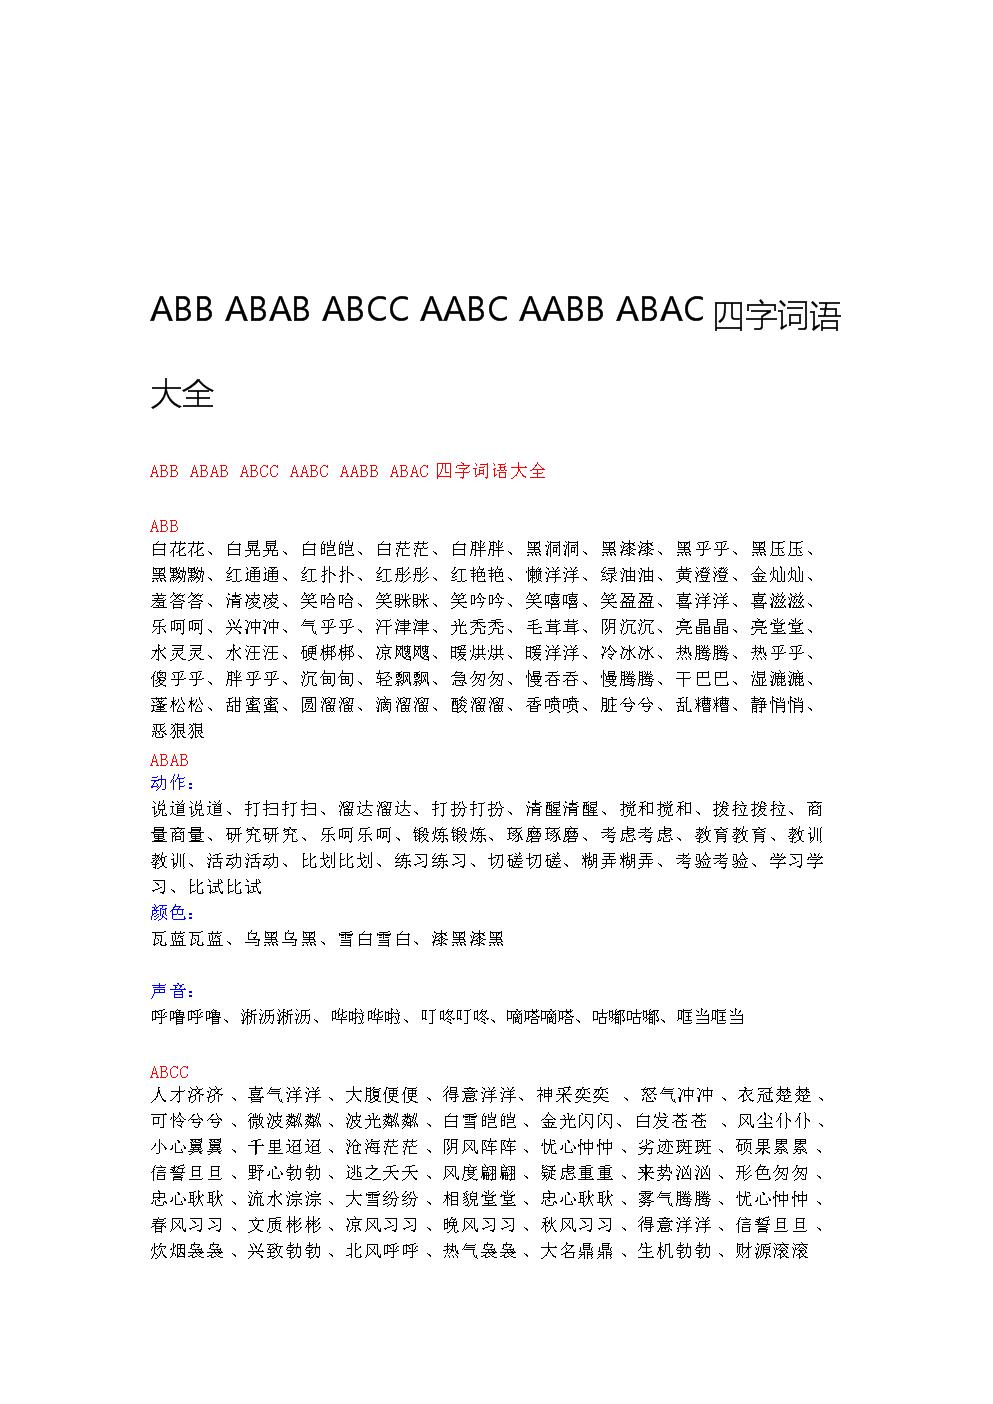 表情 aabc的四字词语大全图片展示 aabc的四字词语大全相关图片下载 表情图片